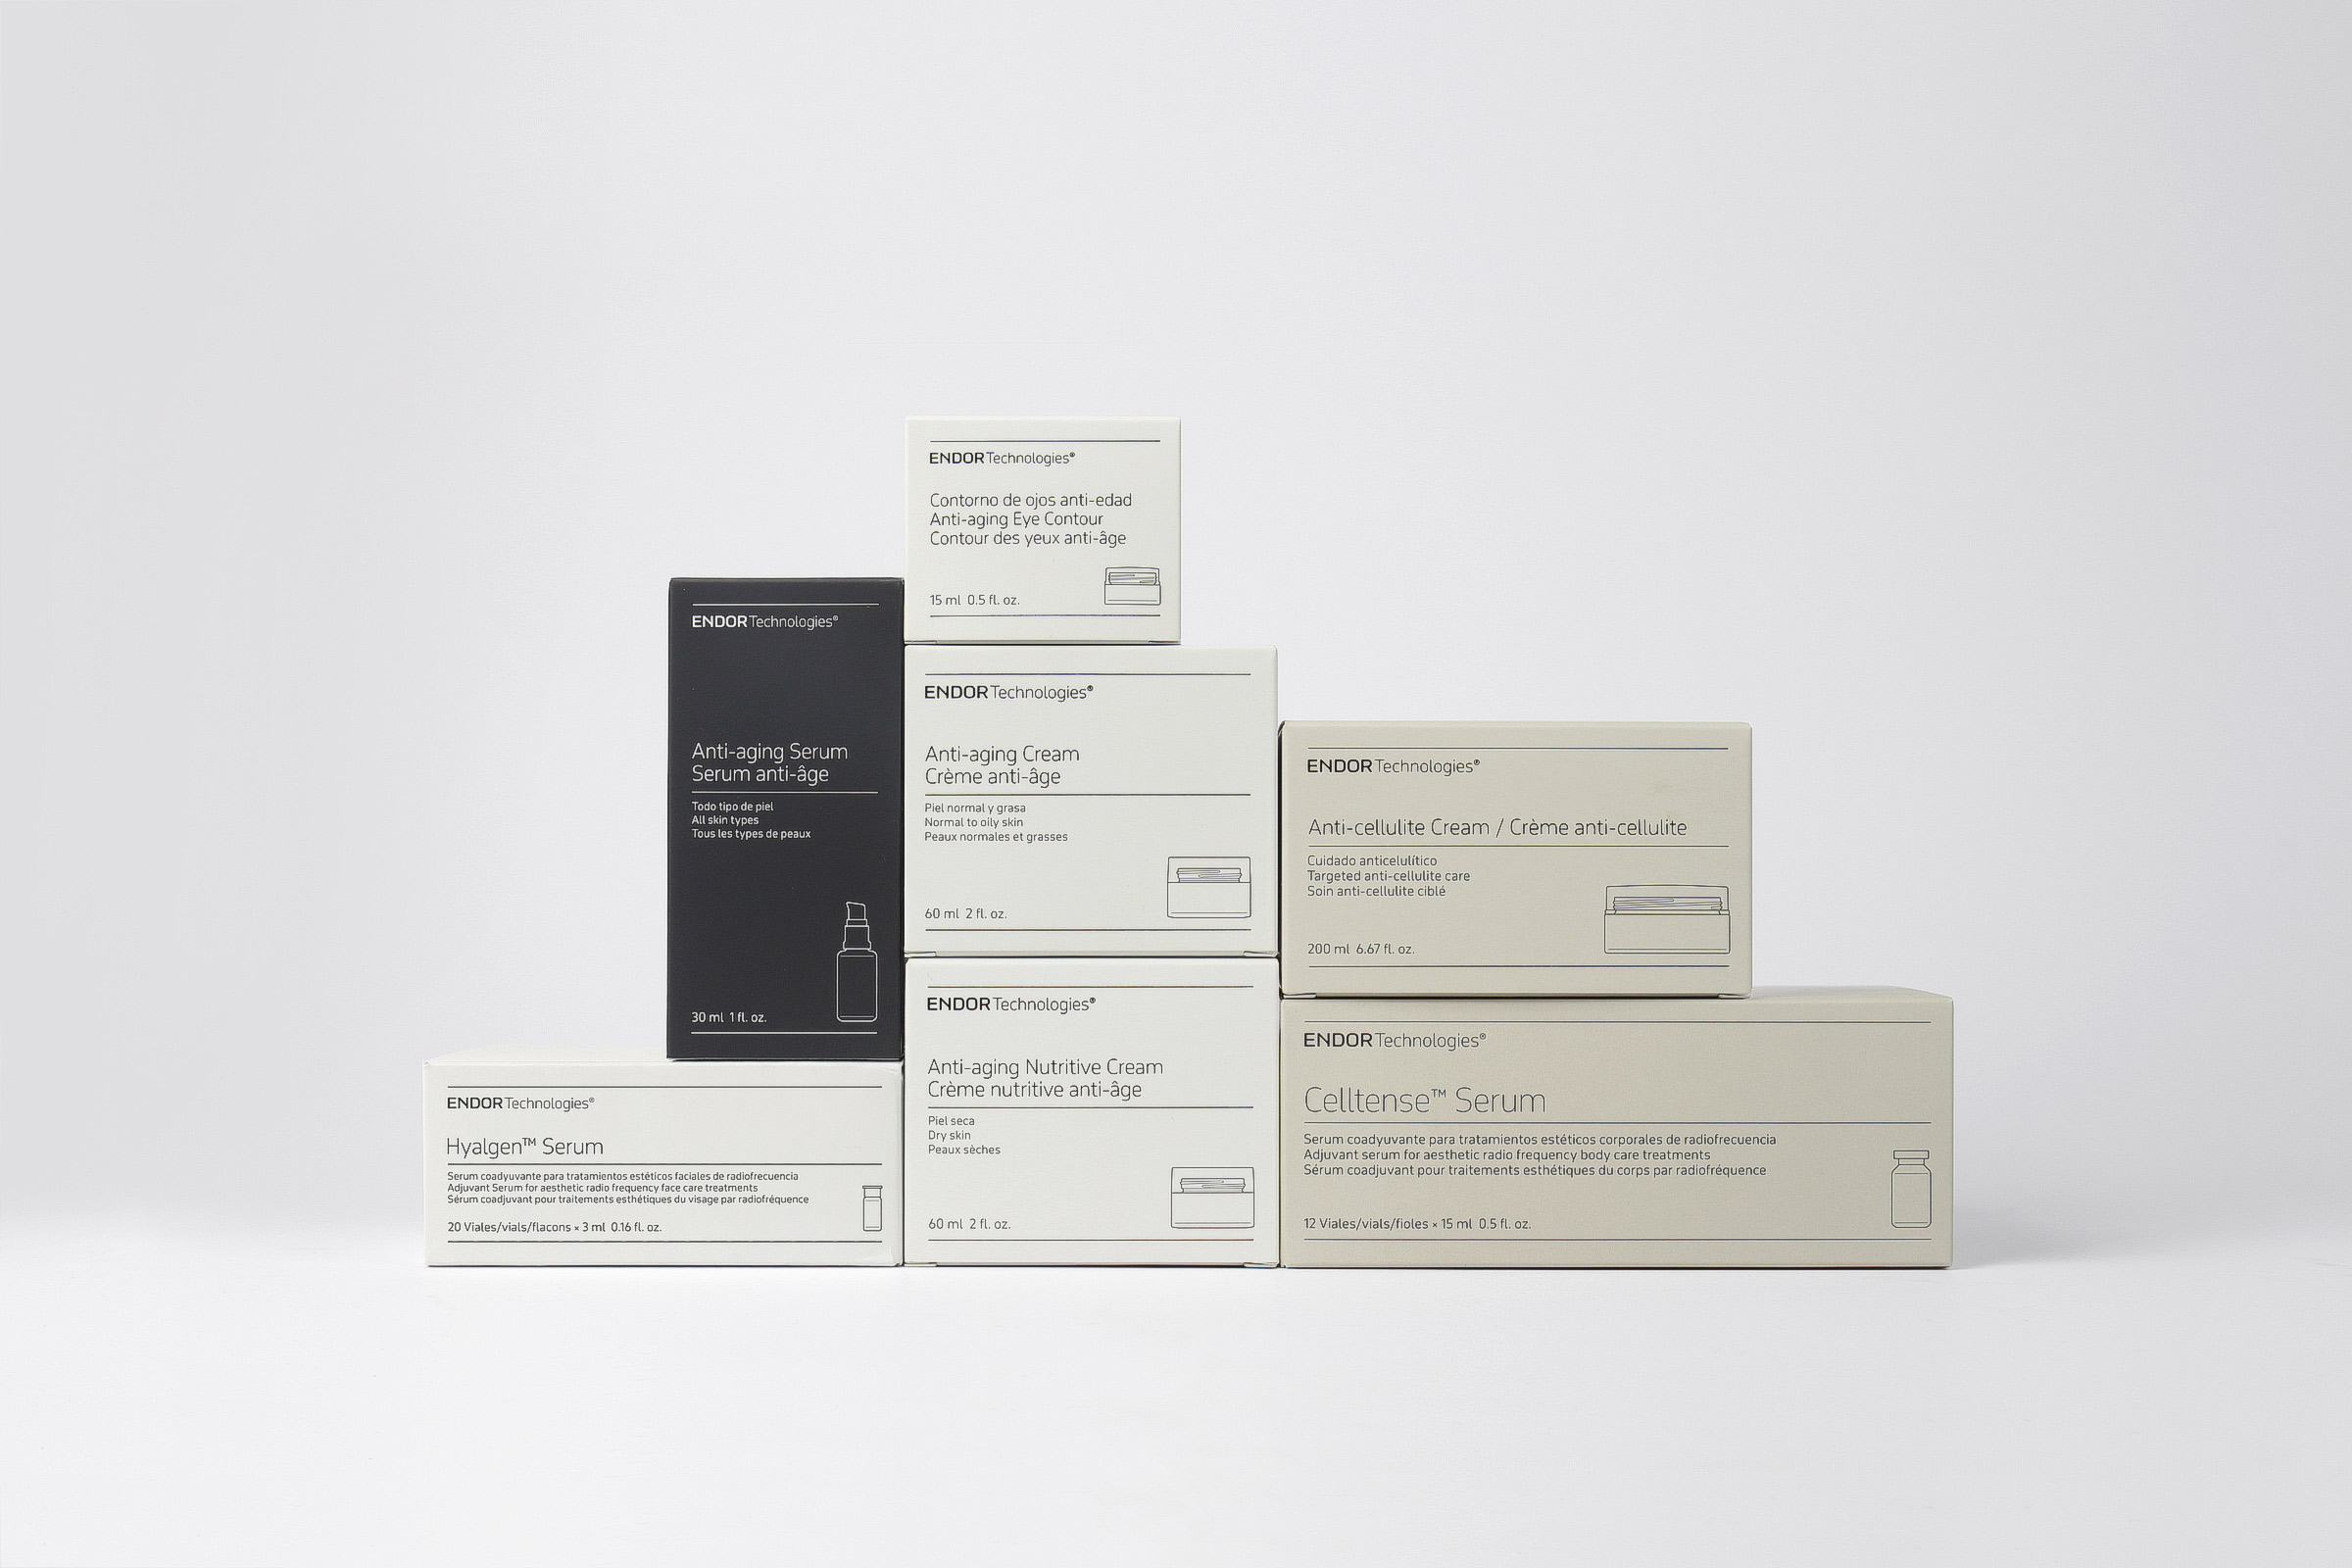 Fase, estudio de diseño gráfico. Identidad corporativa y diseño de packaging para Endor Technologies. Cajas.